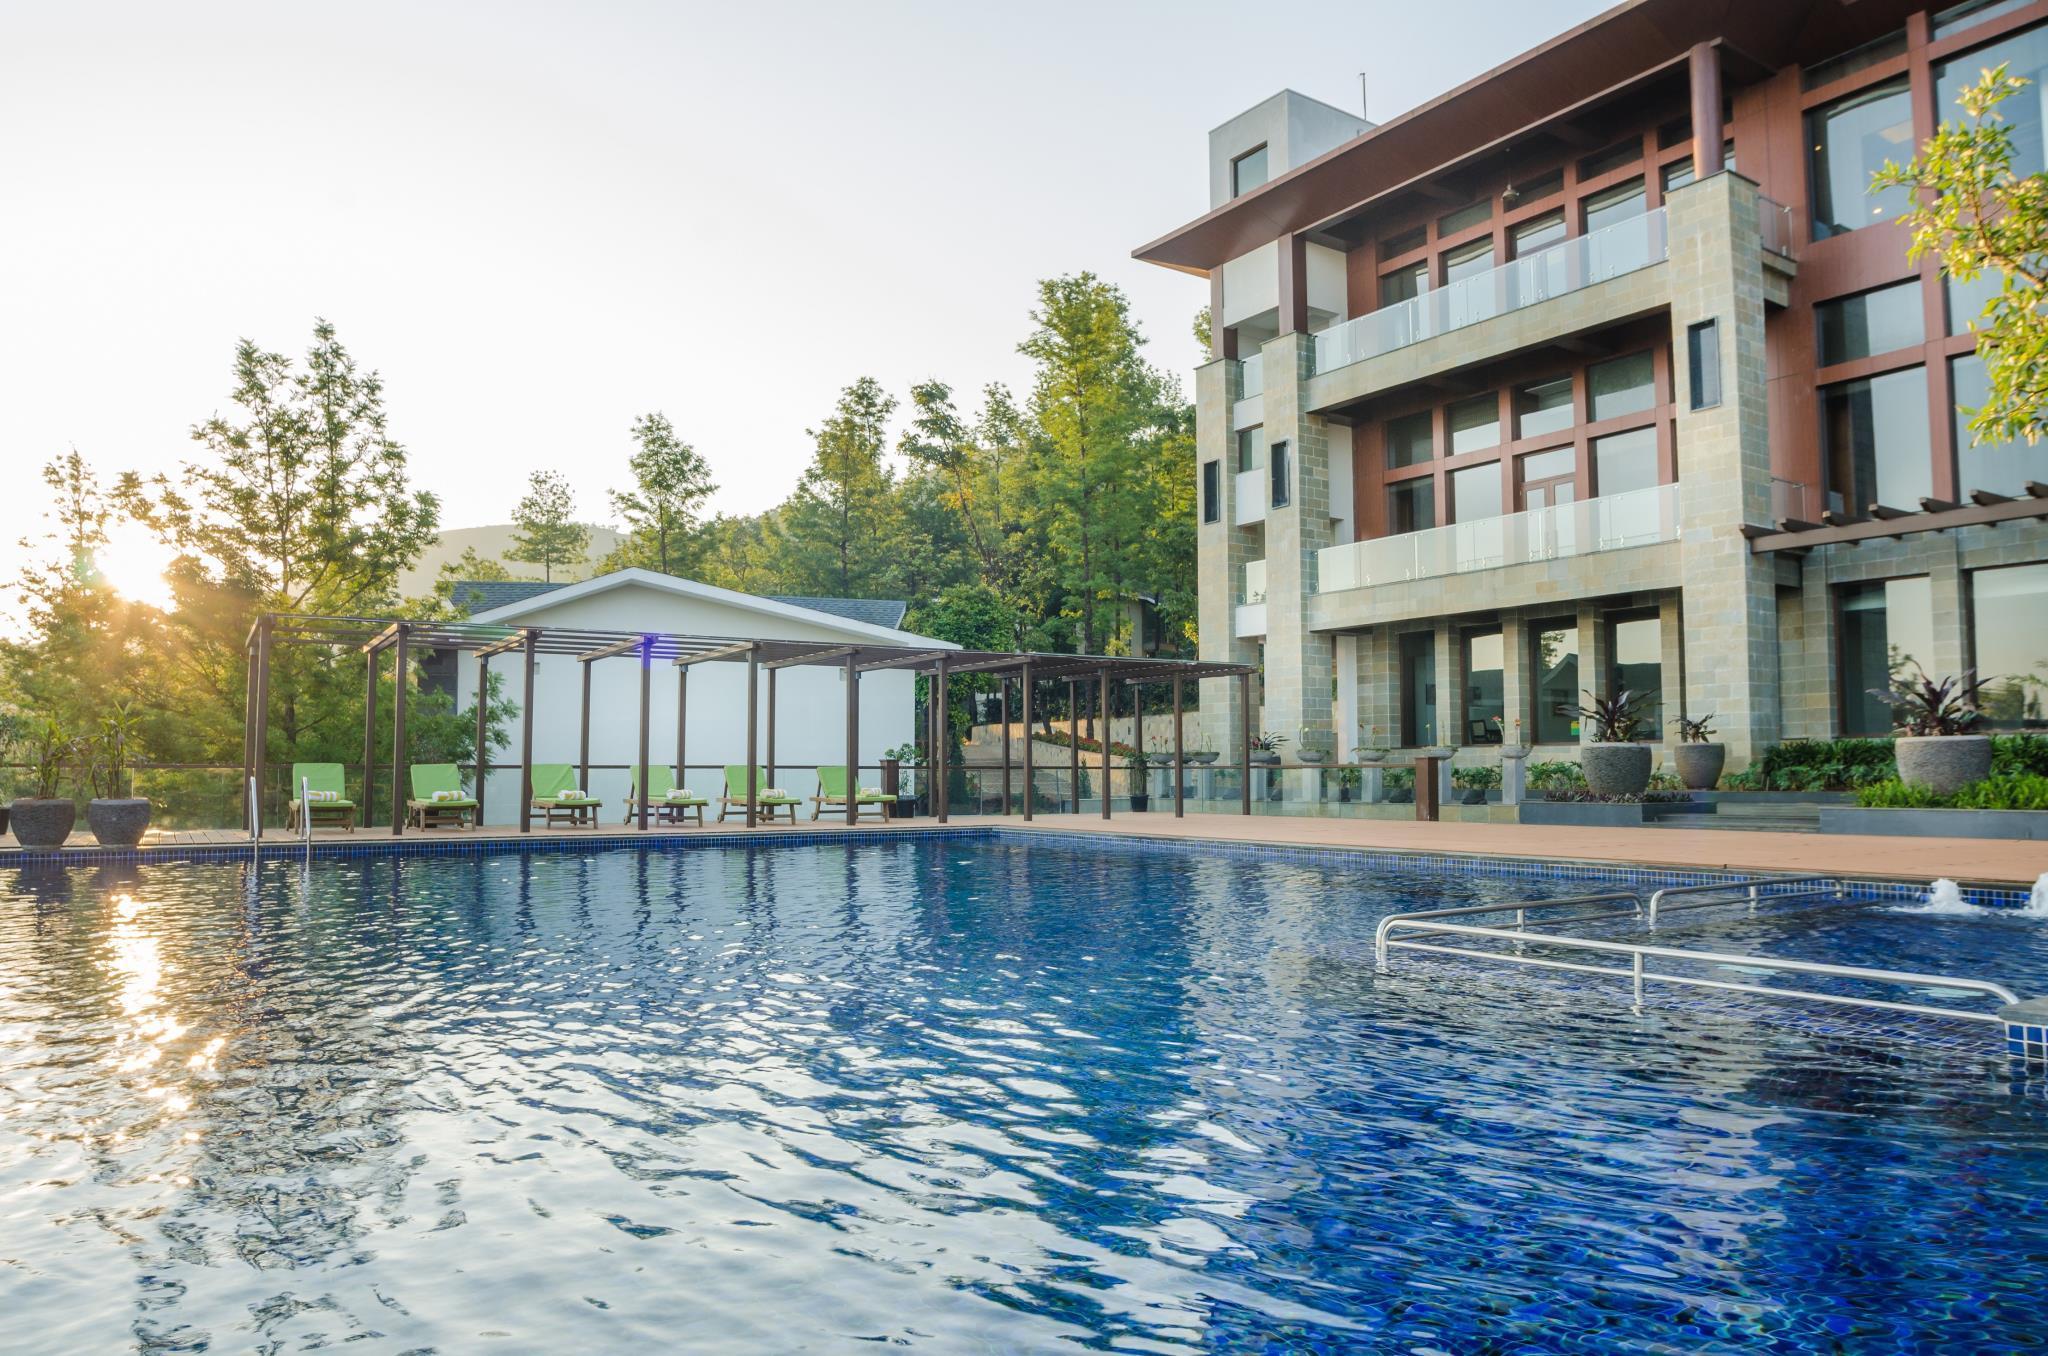 Trivik Hotels & Resort, Chikmagalur, Chikmagalur